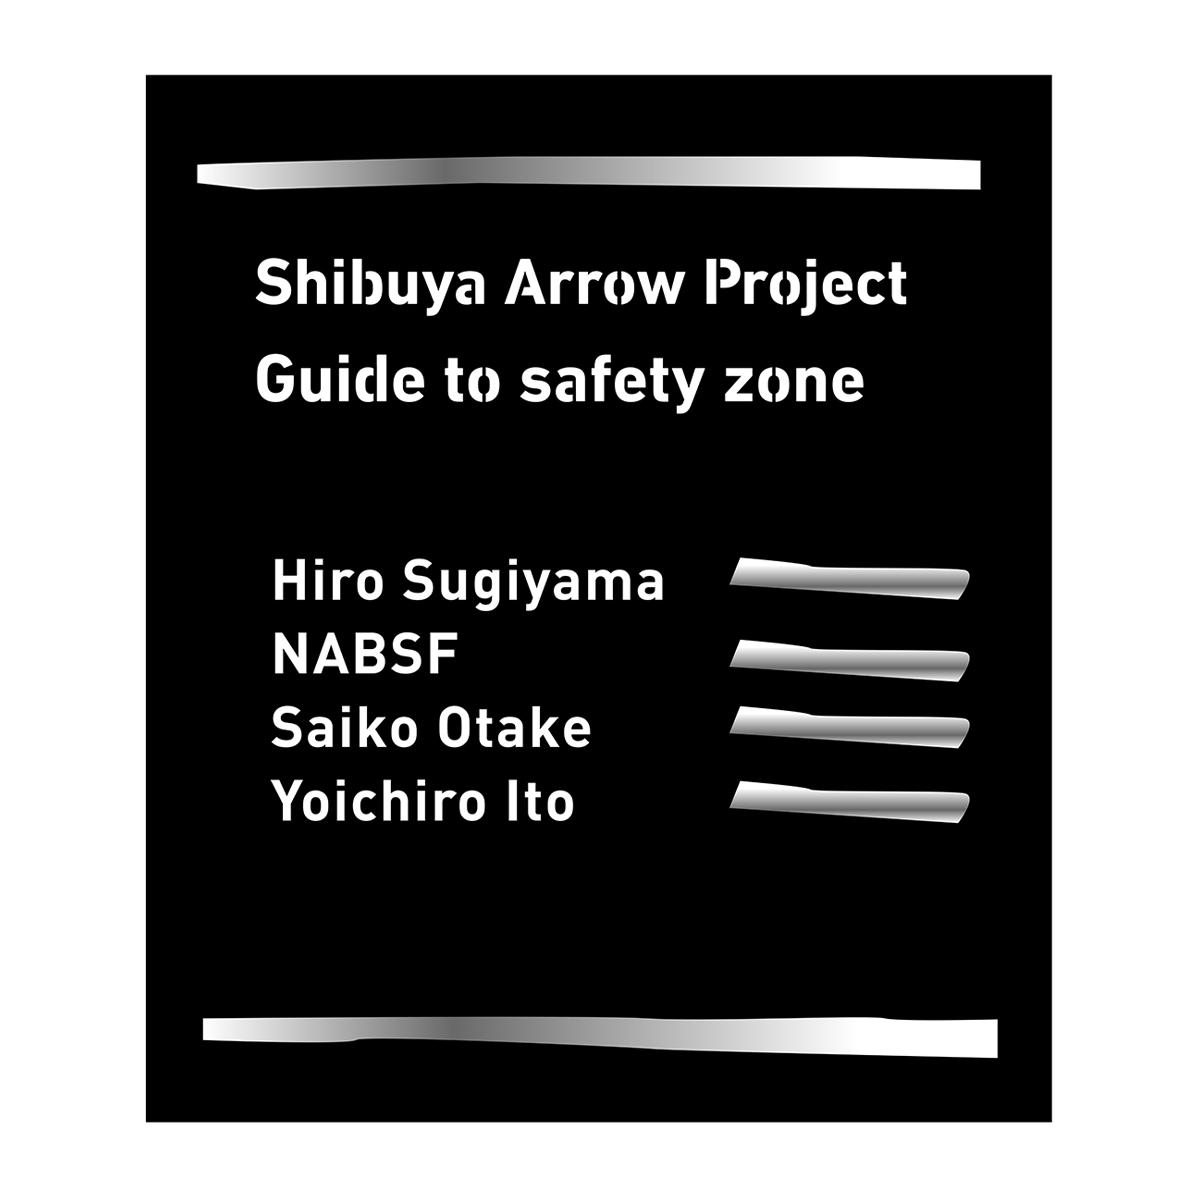 シブヤアロープロジェクト 新作アート作品制作が決定